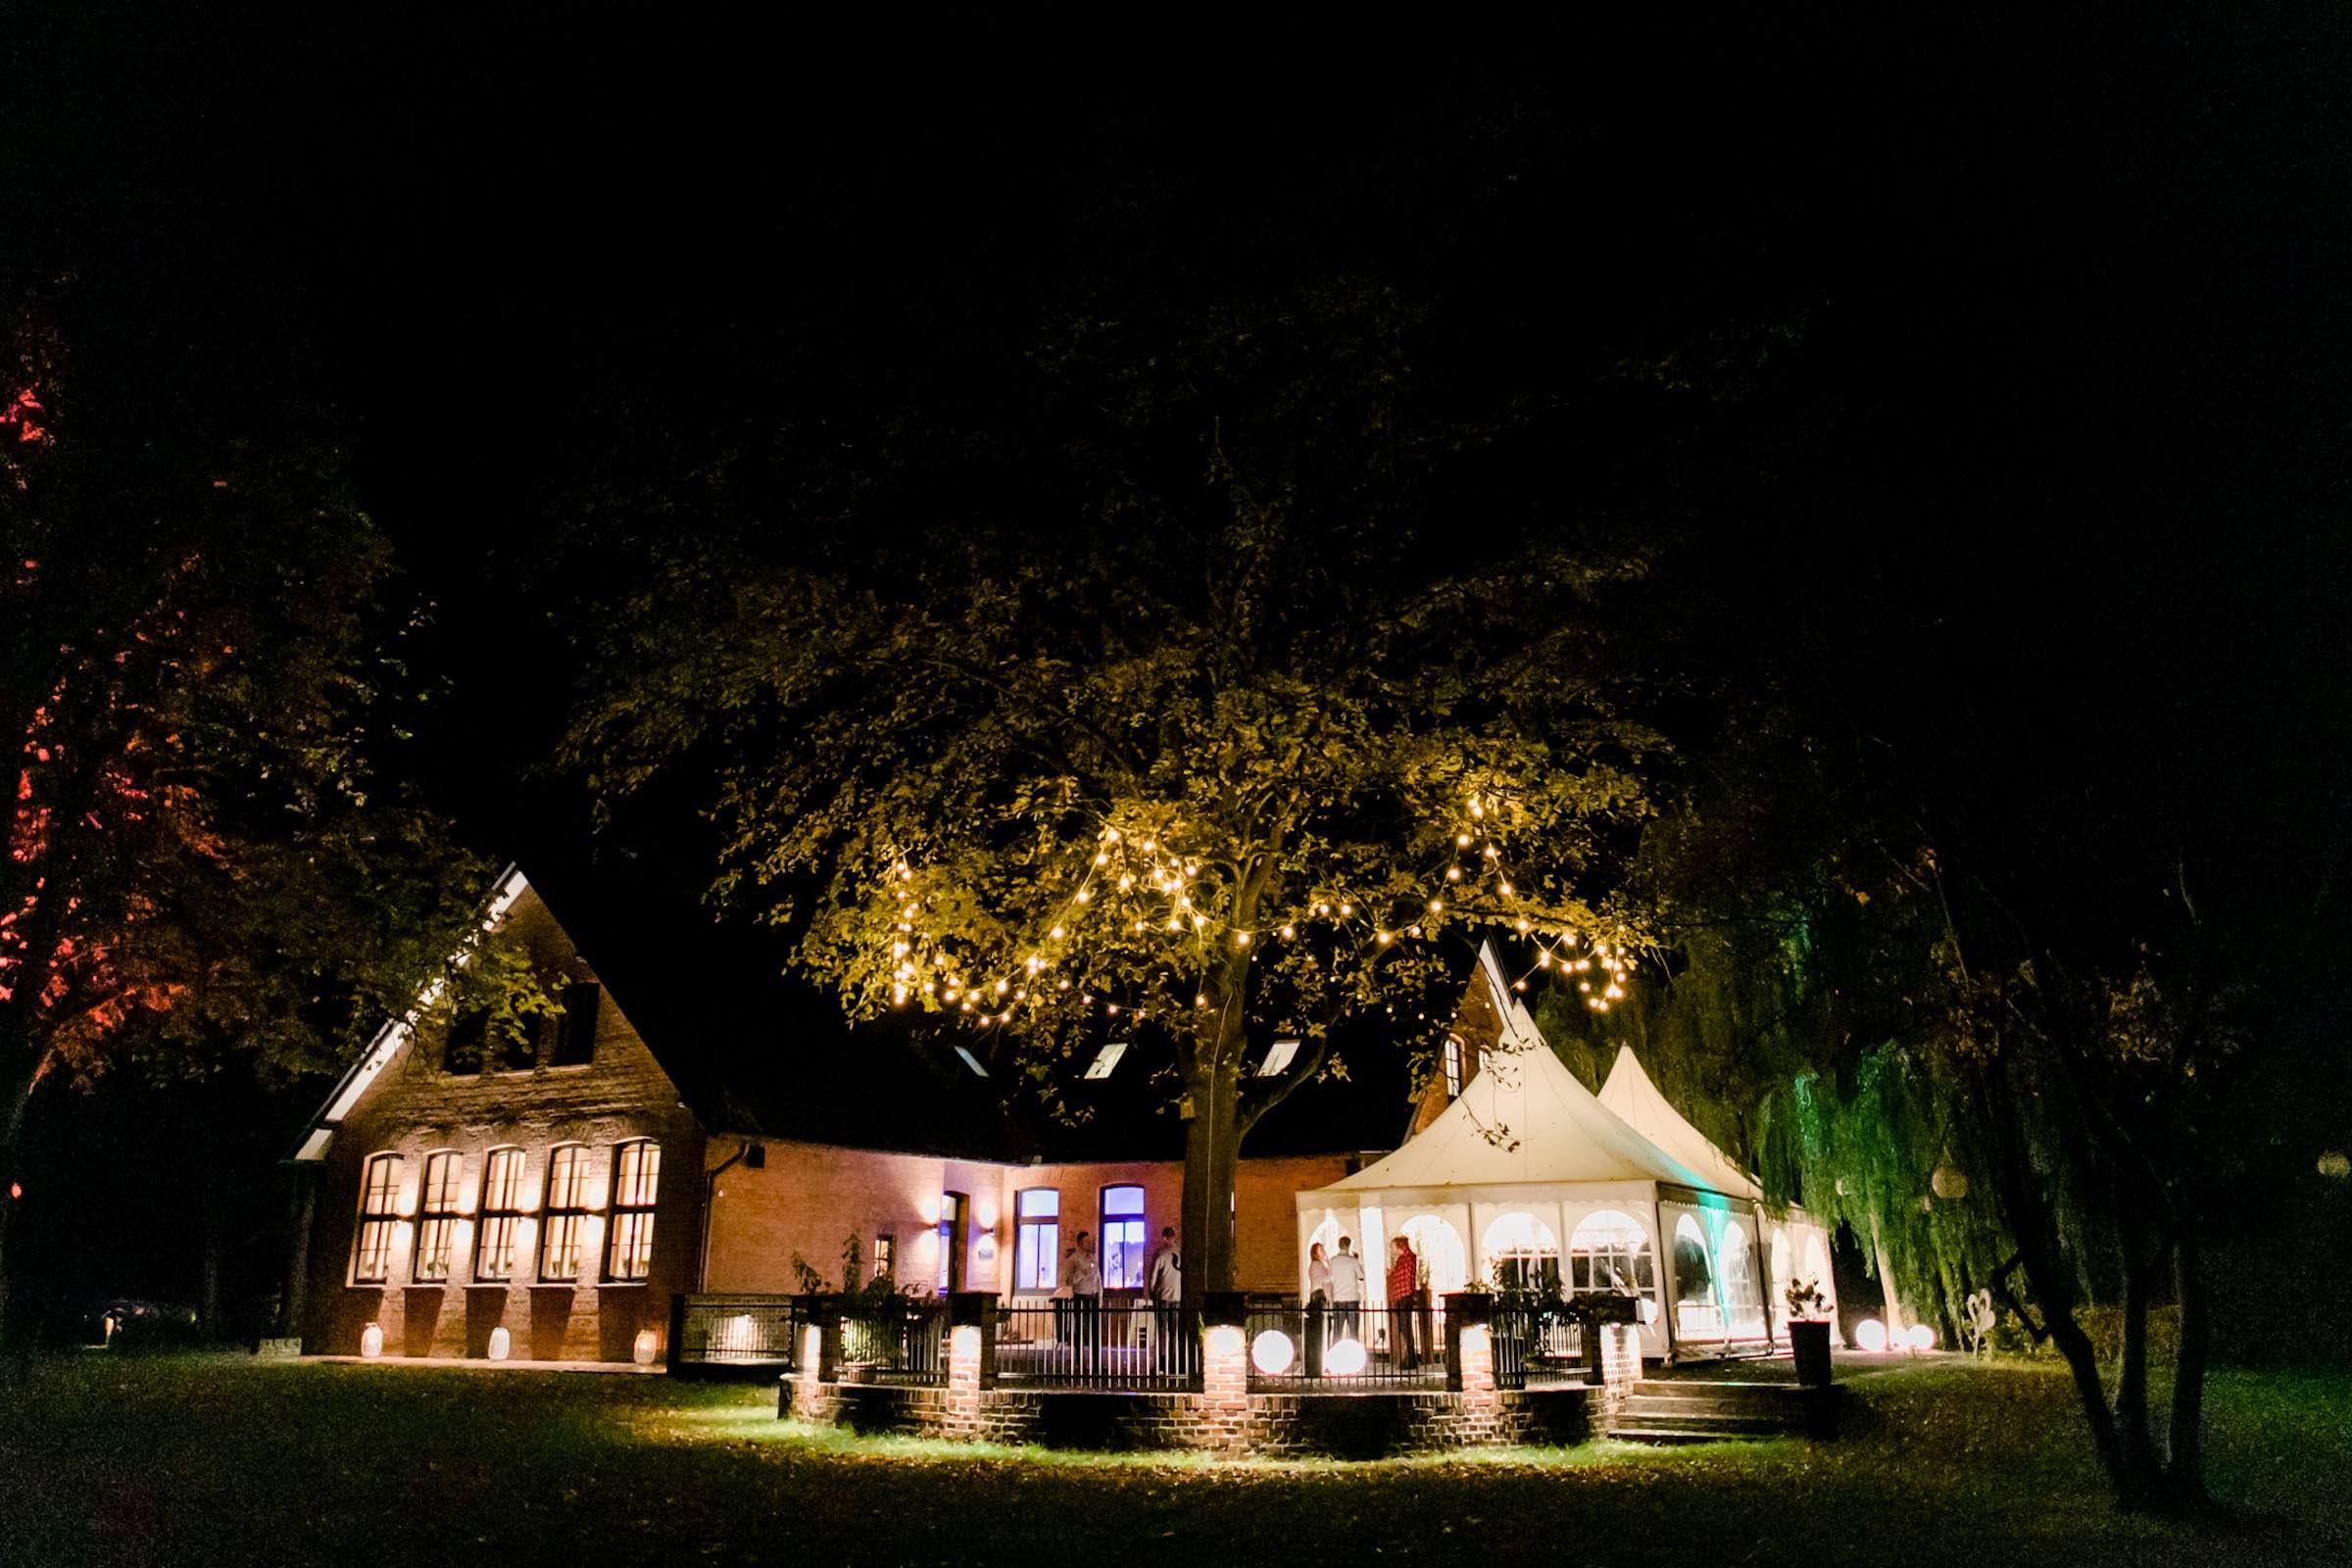 Häserhof | Reddestorf | Location | Referenz | DJ | Agentur | DJ | Service | Beleuchtung | Lichttechnik | Fotobox | Fotograf | Hochzeitsplaner | Envetplaner | Hochzeit | Firmenfeier | Hochzeitsmesse | Mieten | Buchen